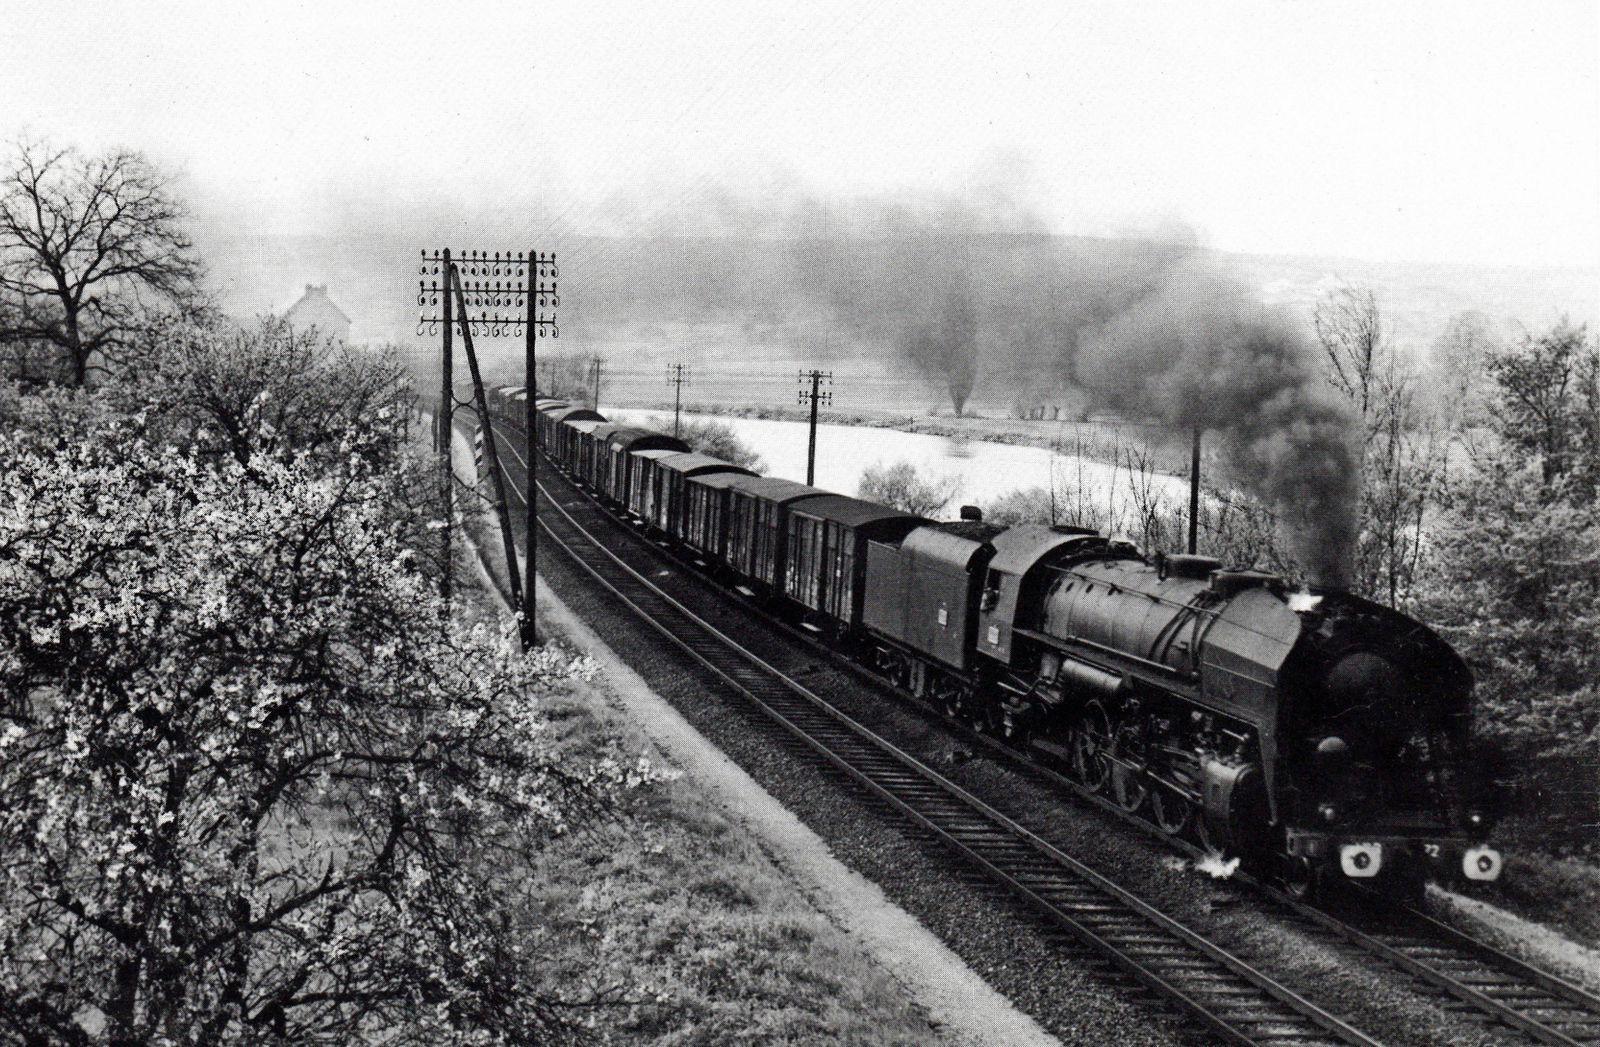 141 R en tête d'un marchandises dans la vallée de la Marne près de Dormans vers 1955.